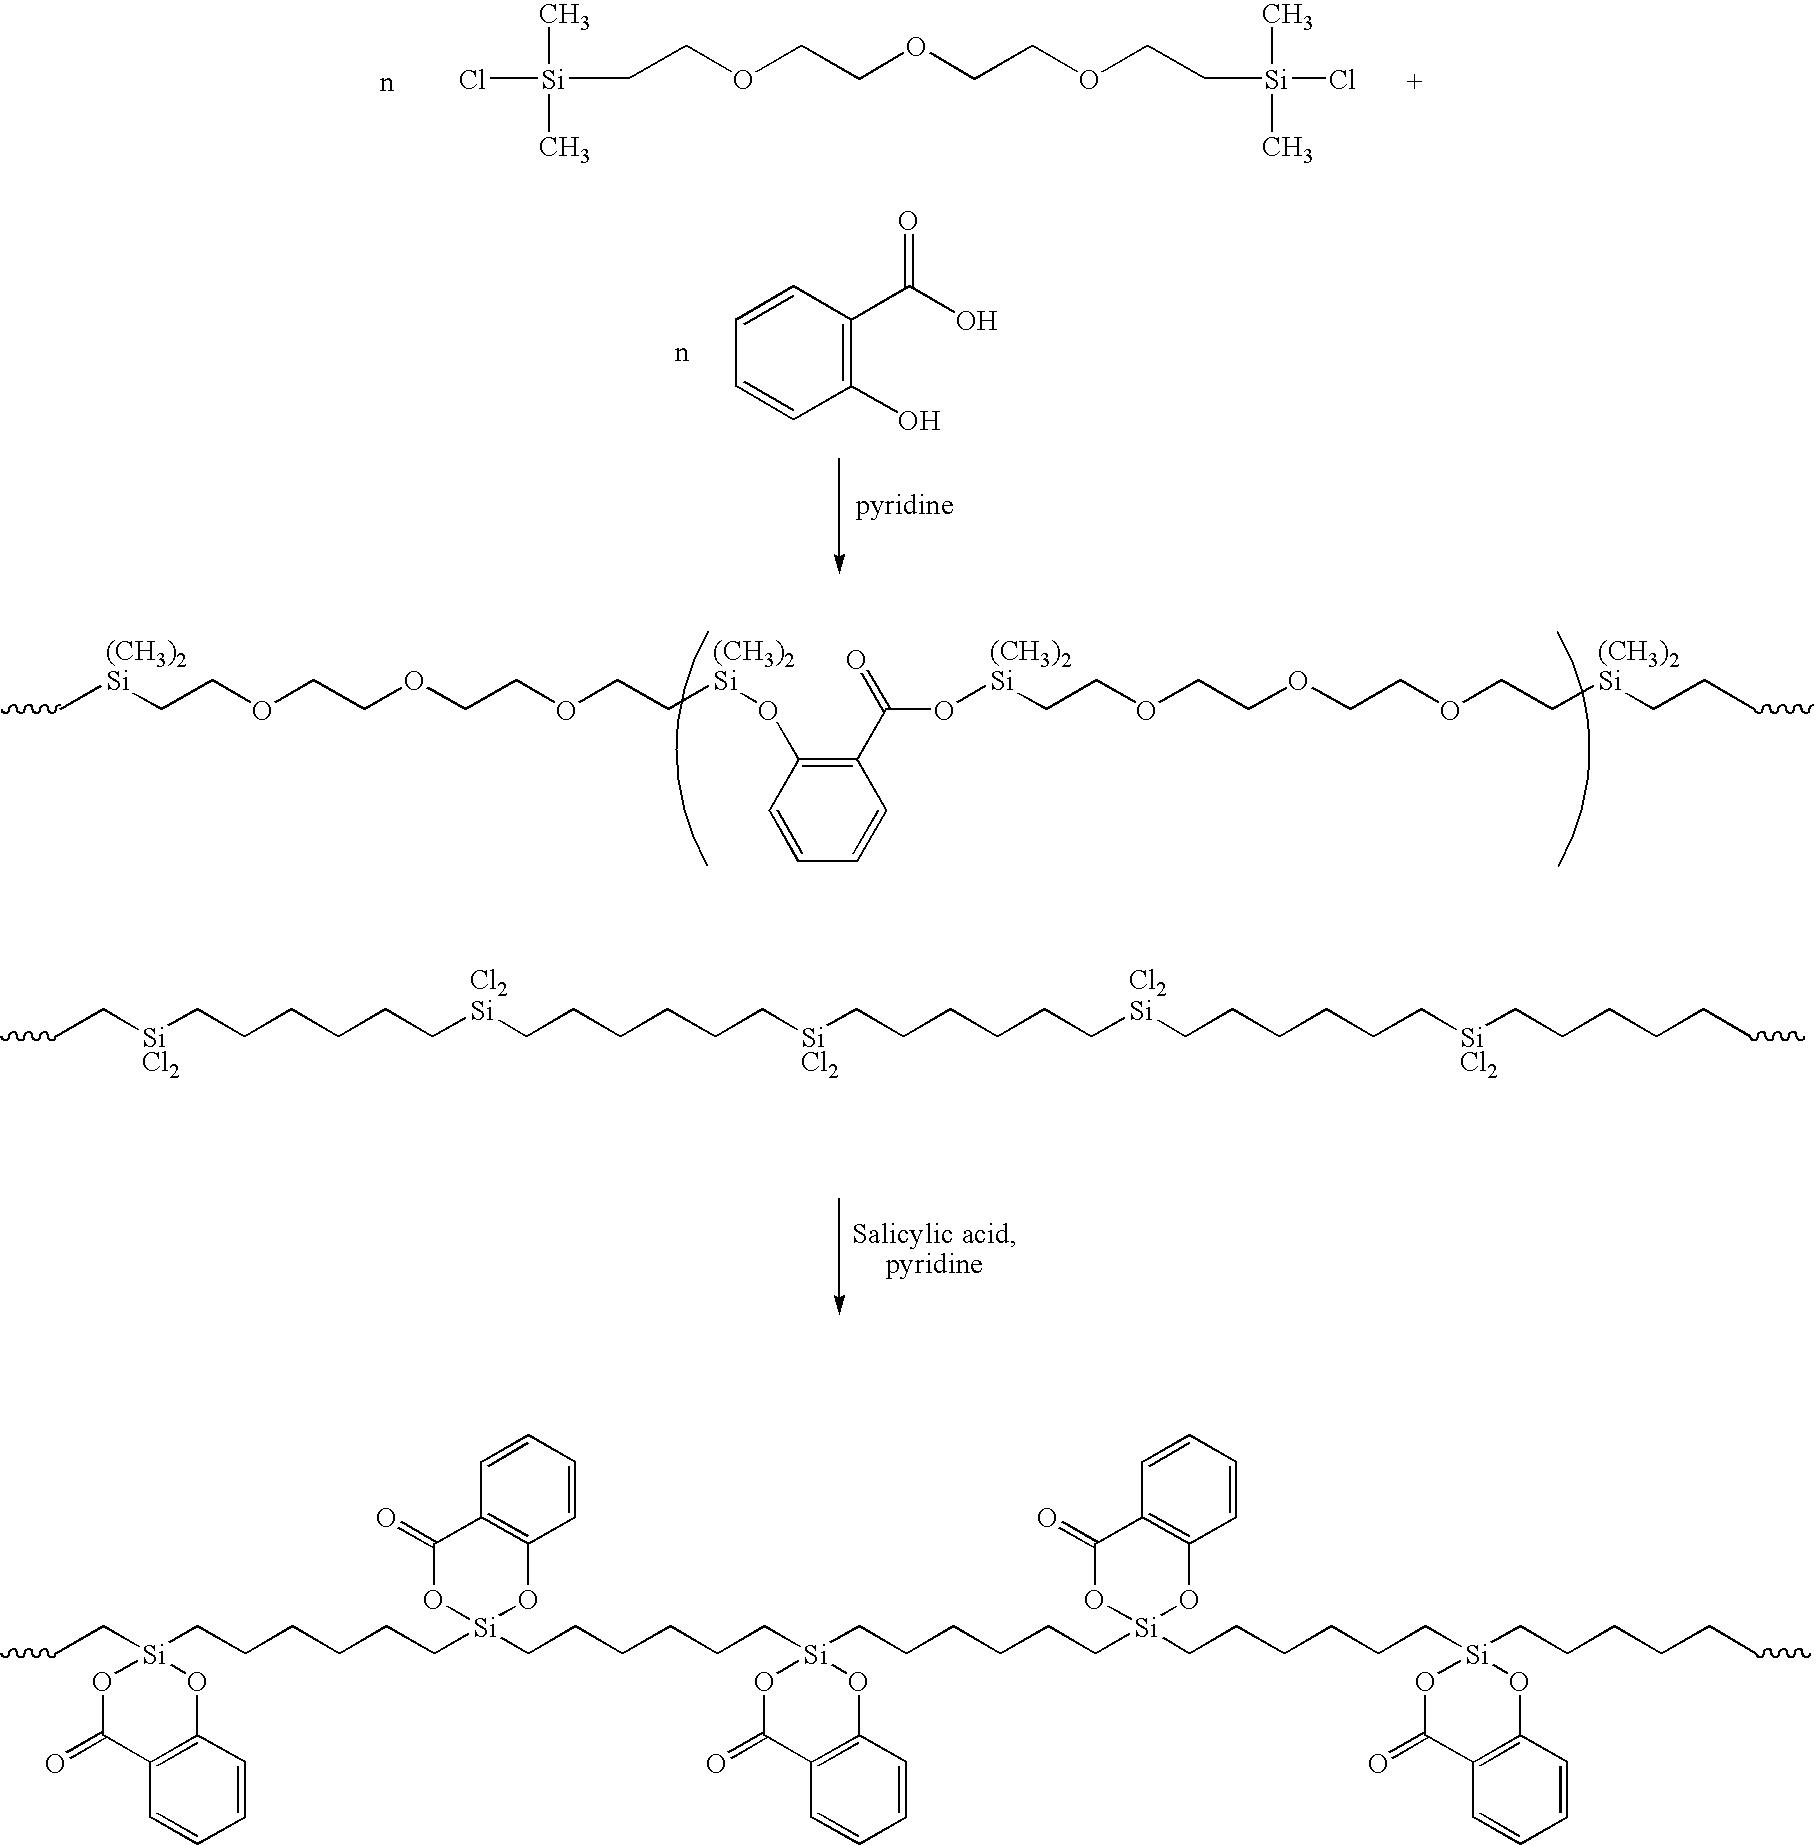 Figure US20040228902A1-20041118-C00012